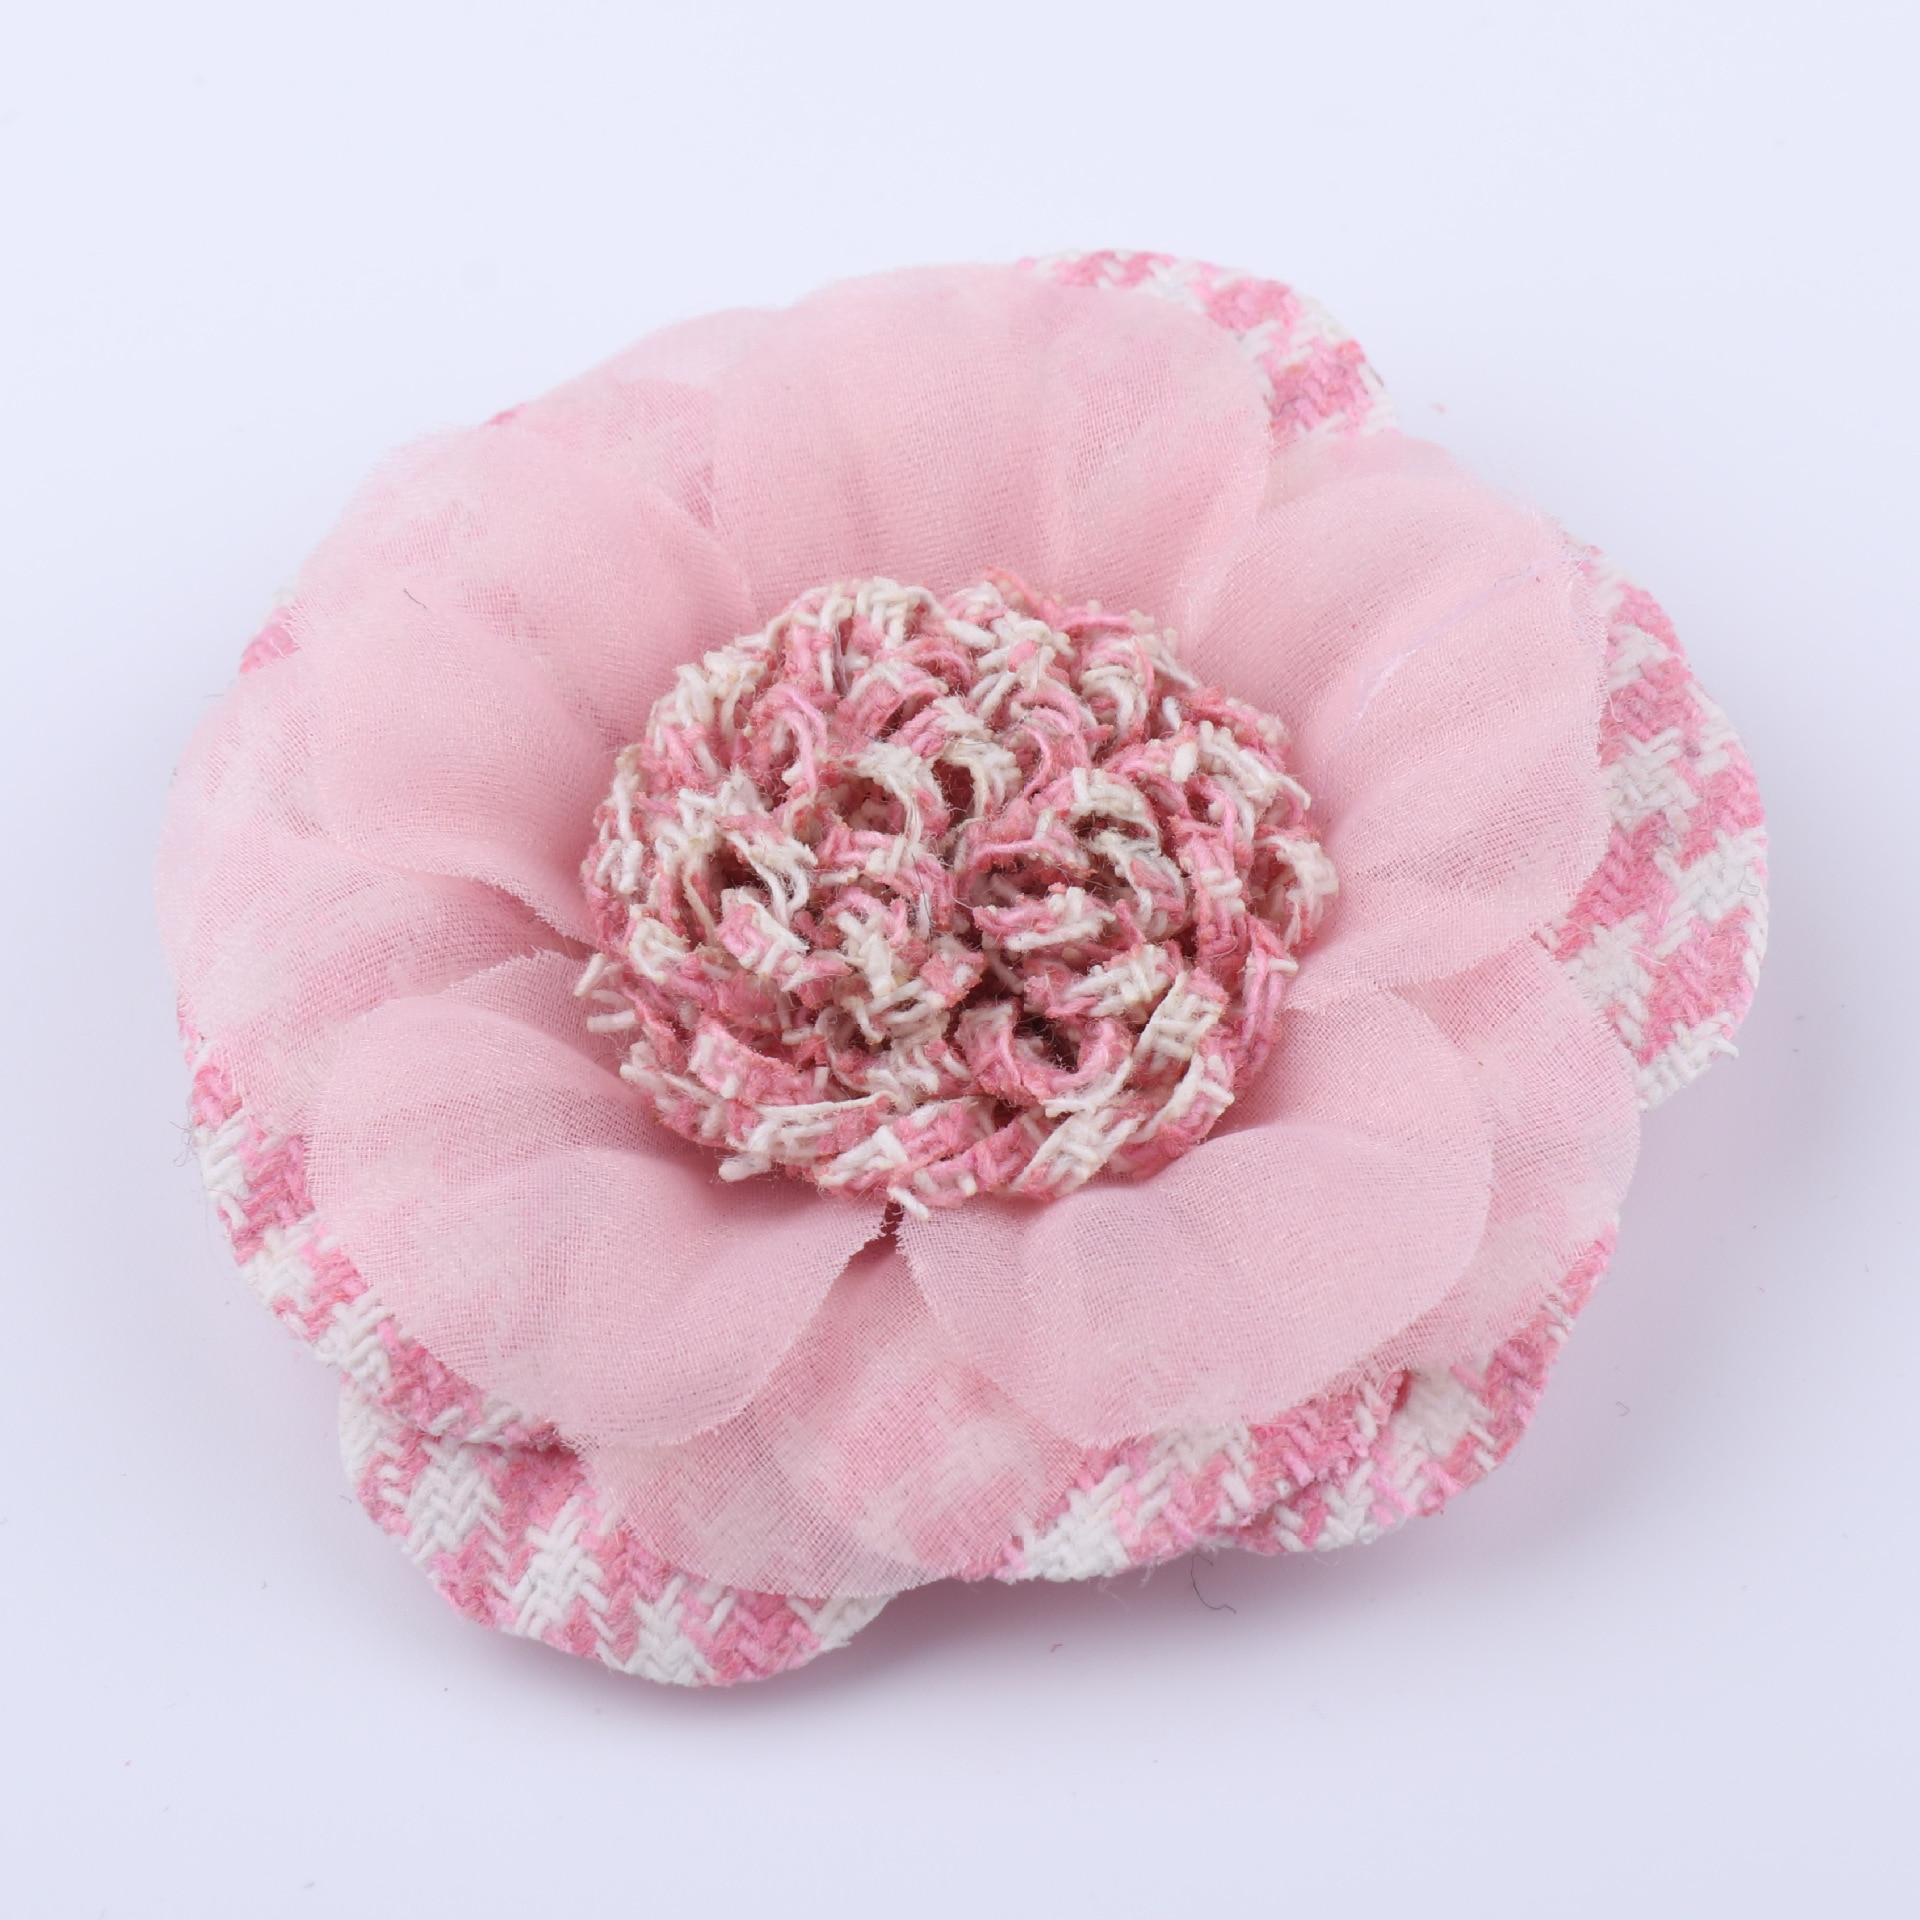 5 pçs/cetim pano cabeça de flor decoração de casamento diy scrapbooking headdress artesanato falso flor artificial pano flor casamento par